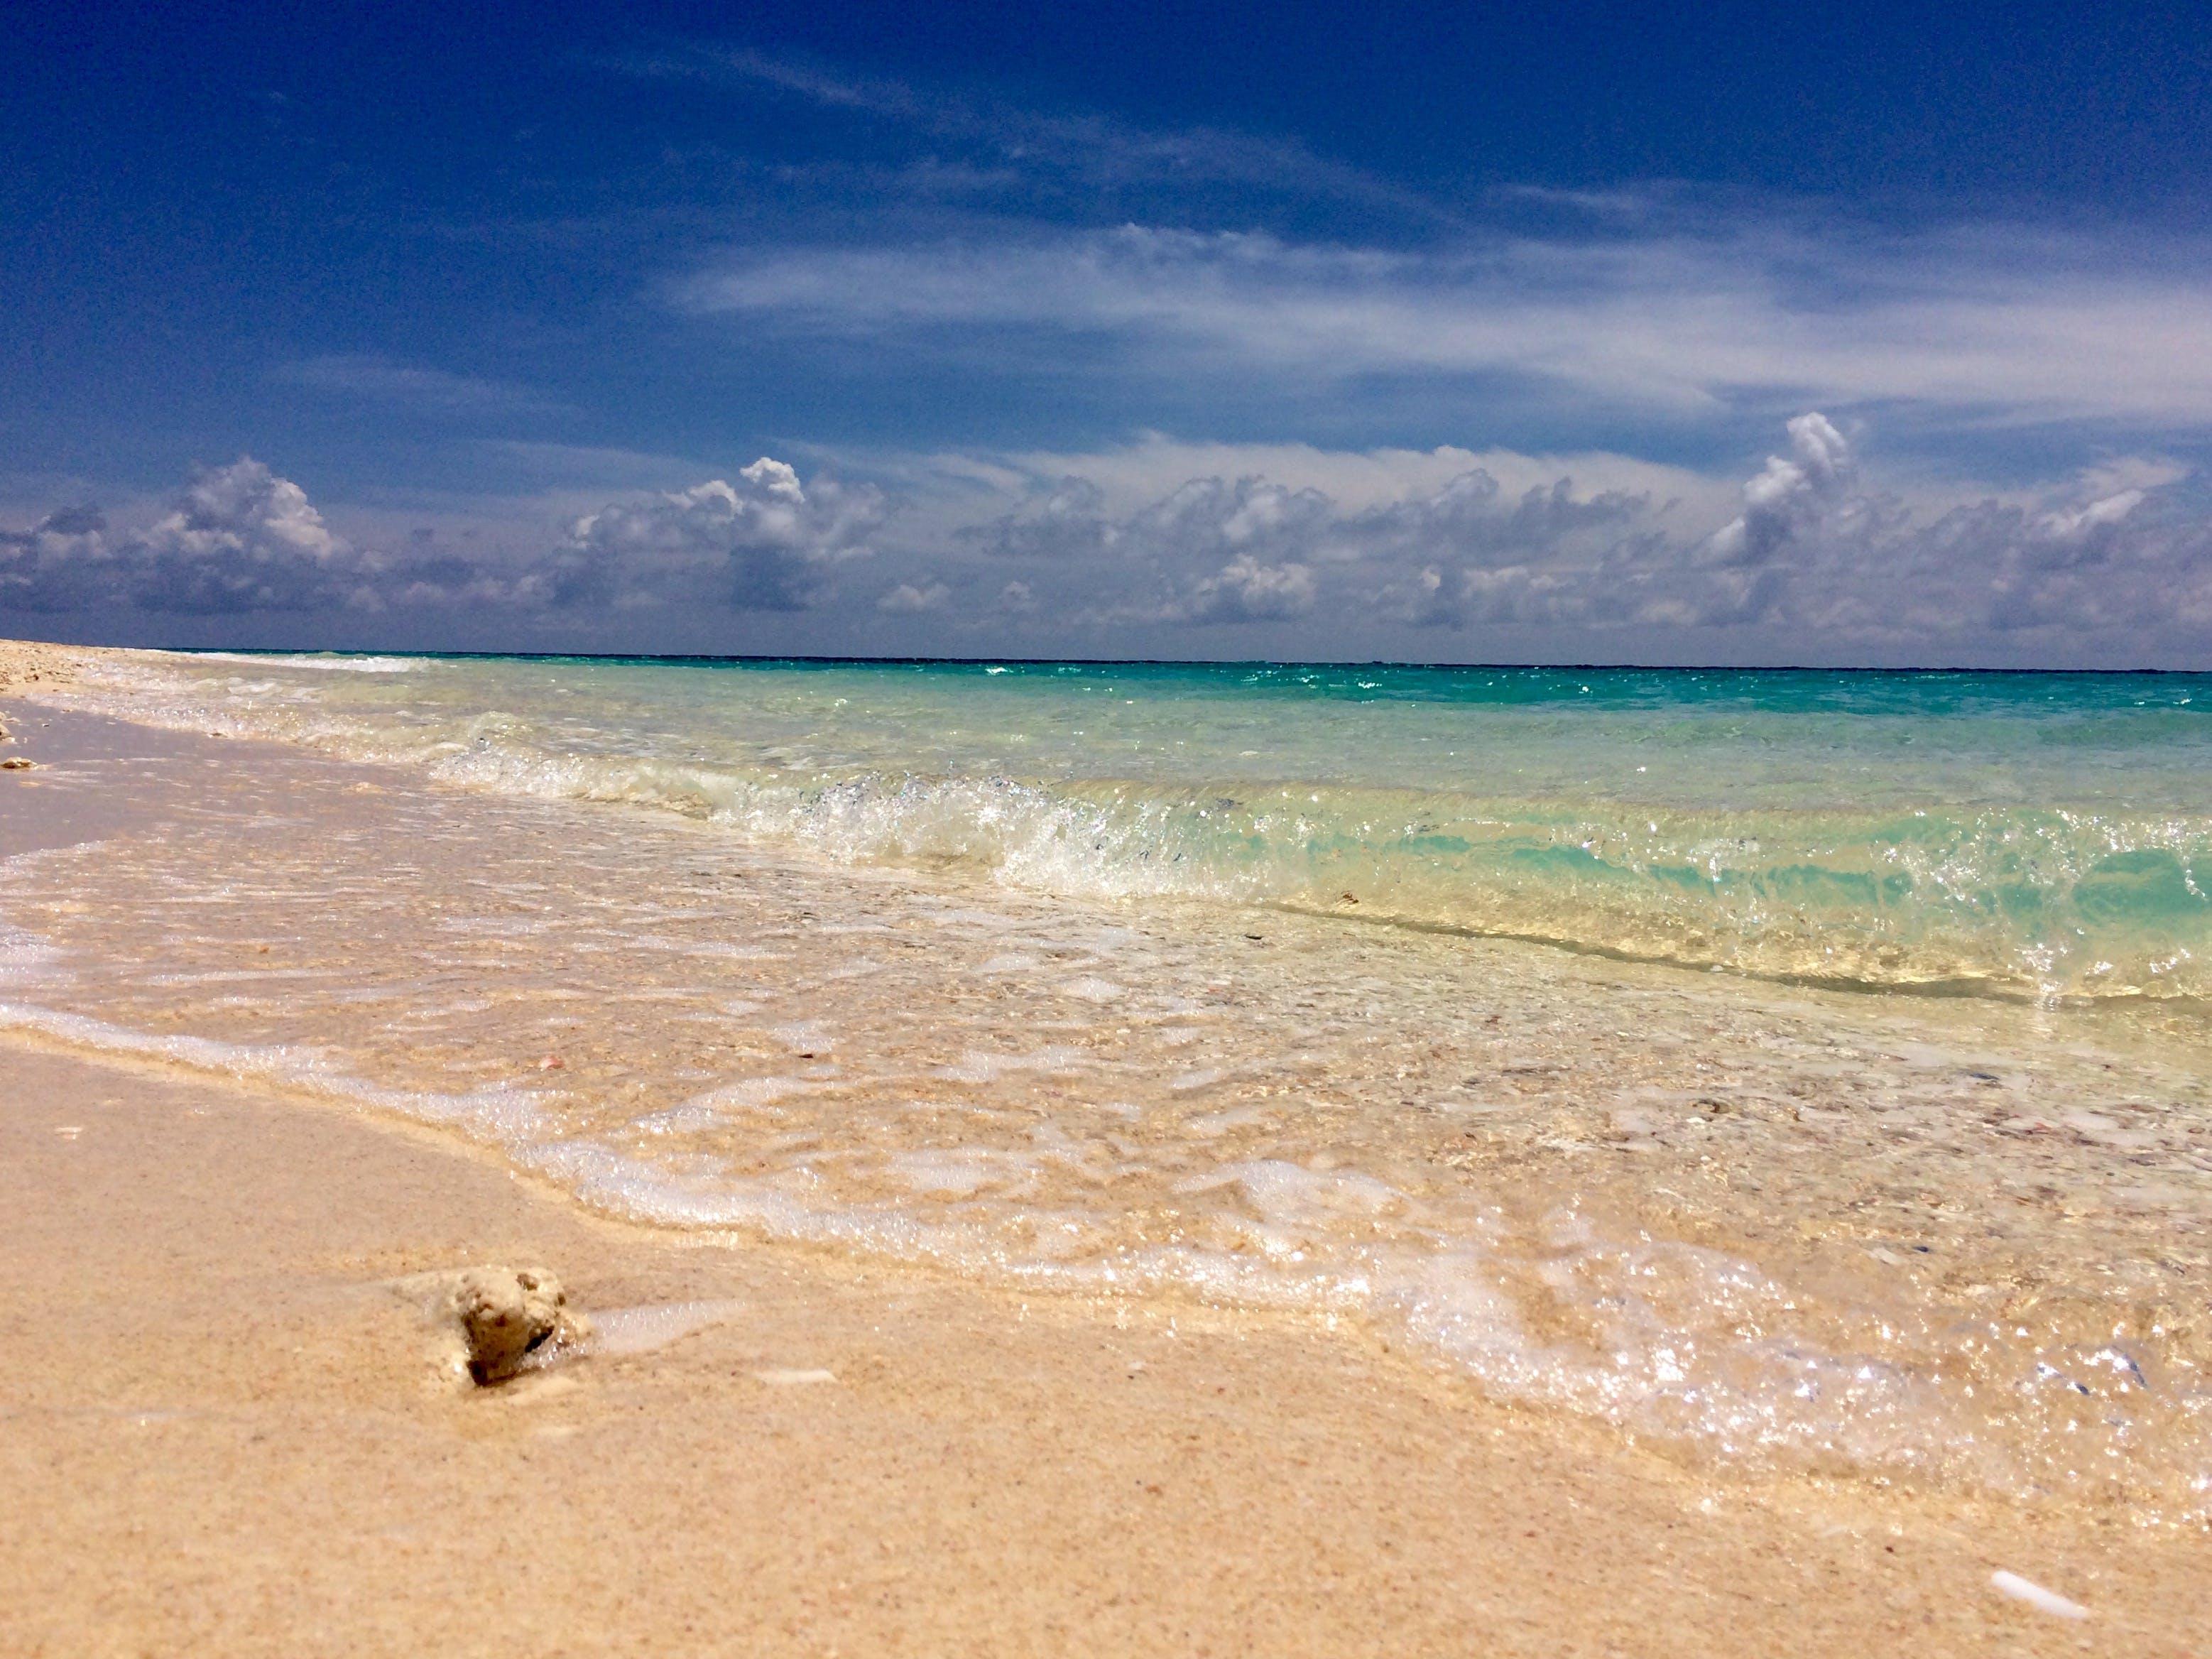 Free stock photo of Puka Beach Boracay